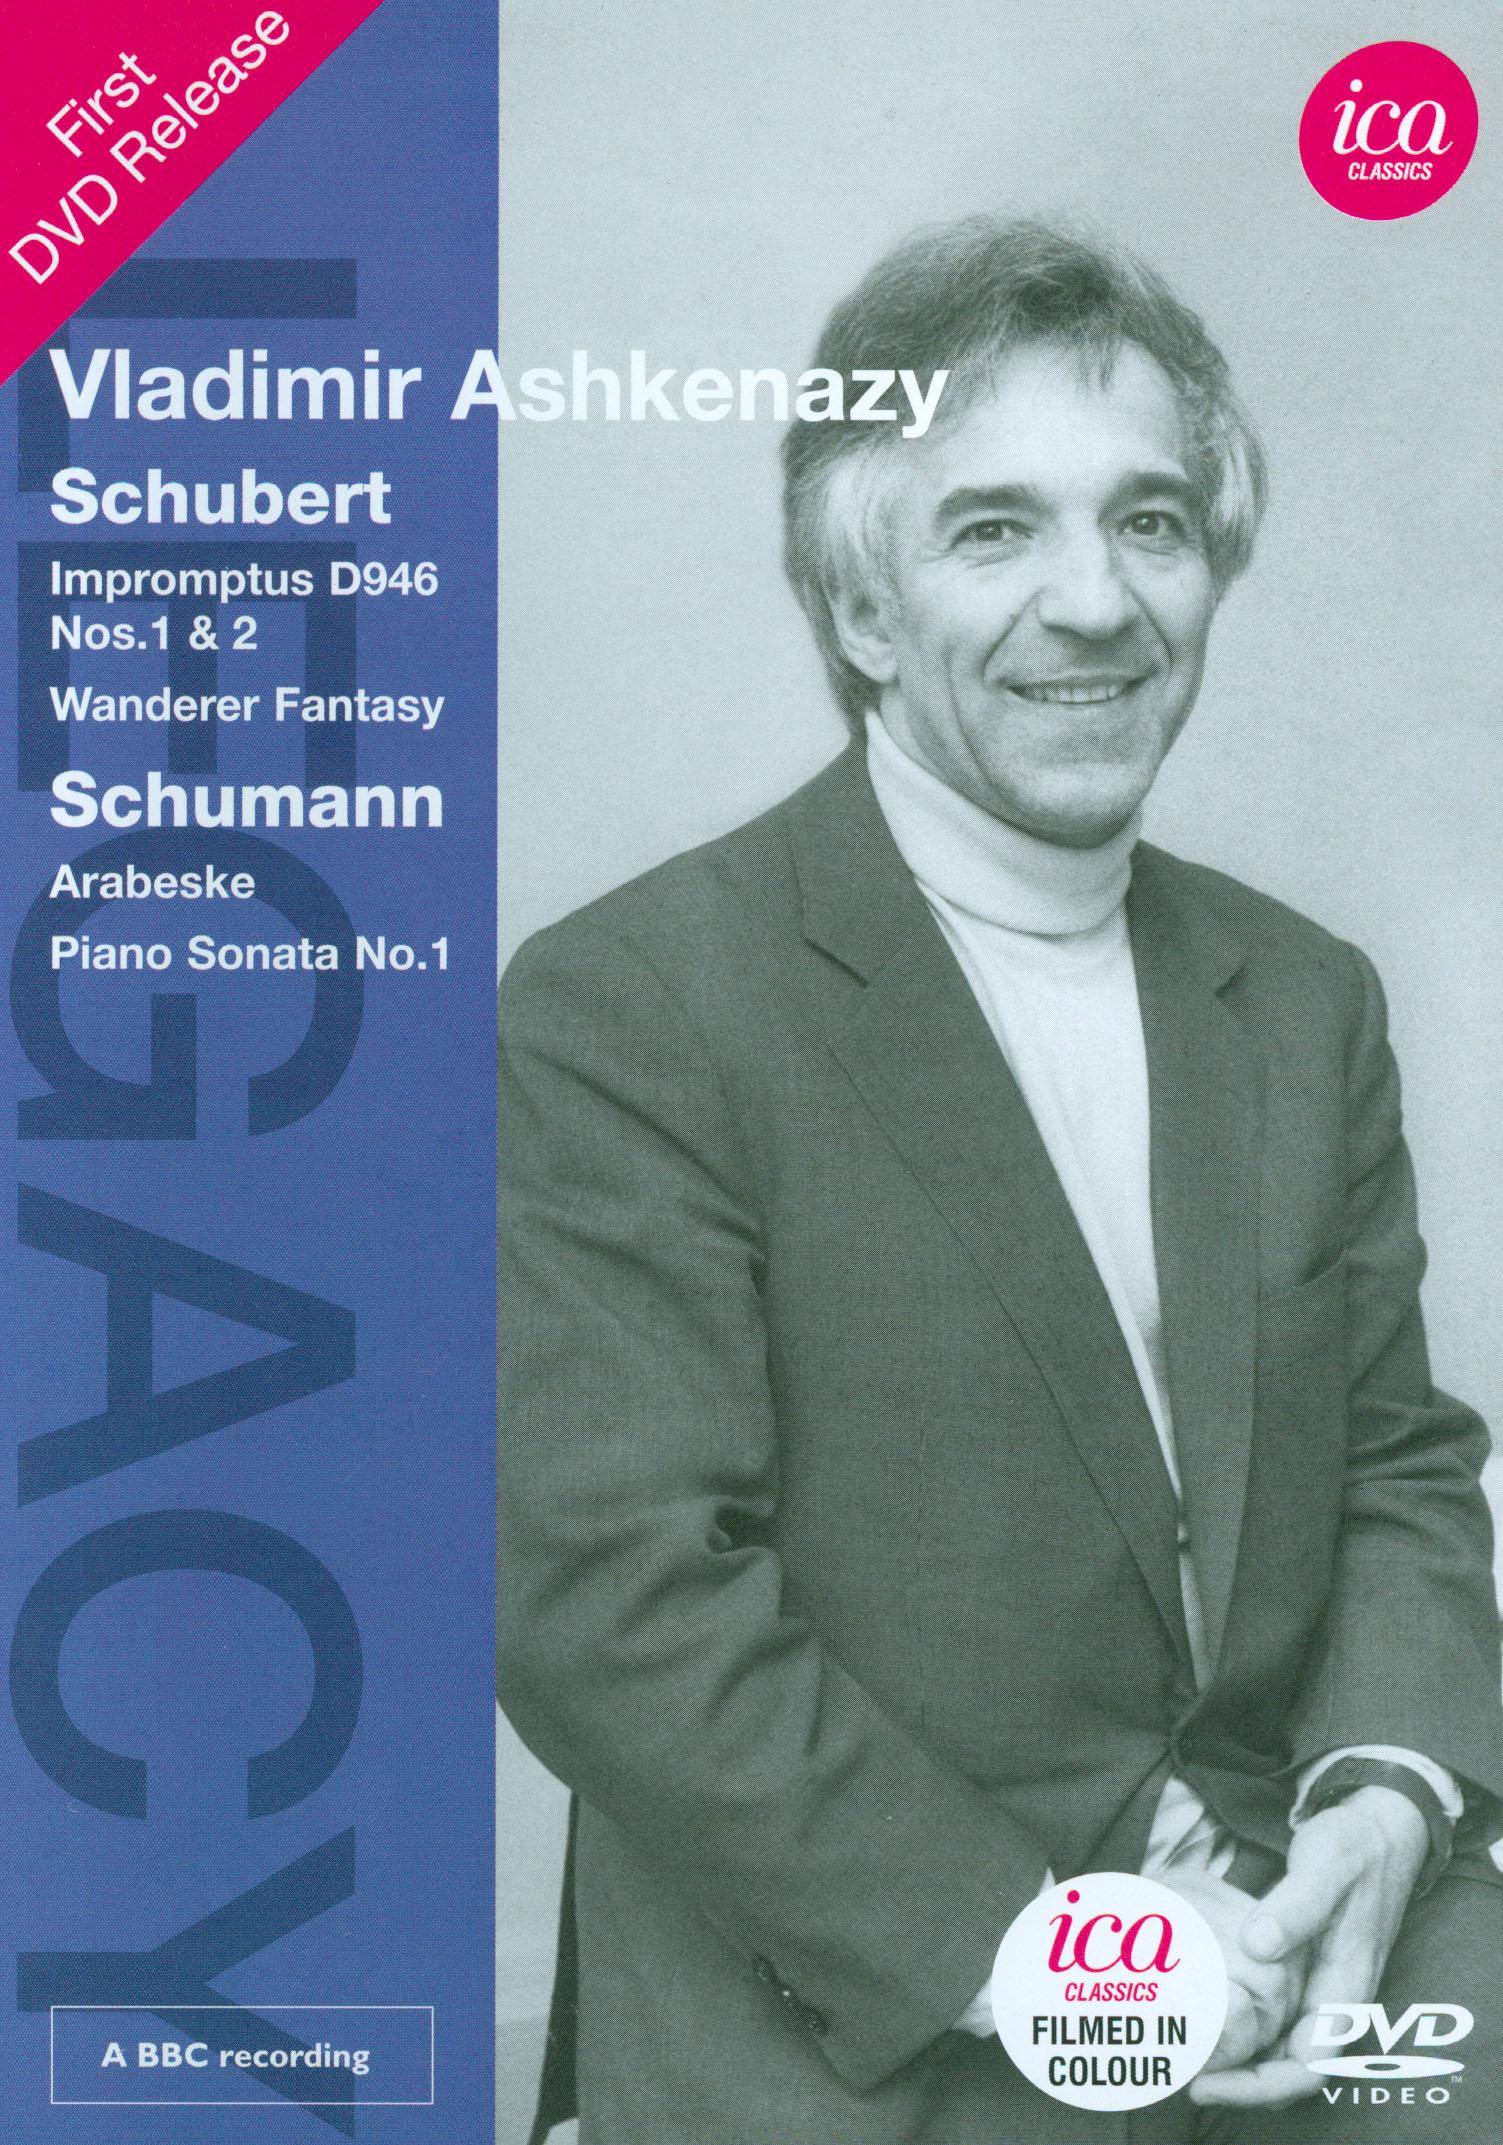 Vladimir Ashkenazy: Schubert/Schumann